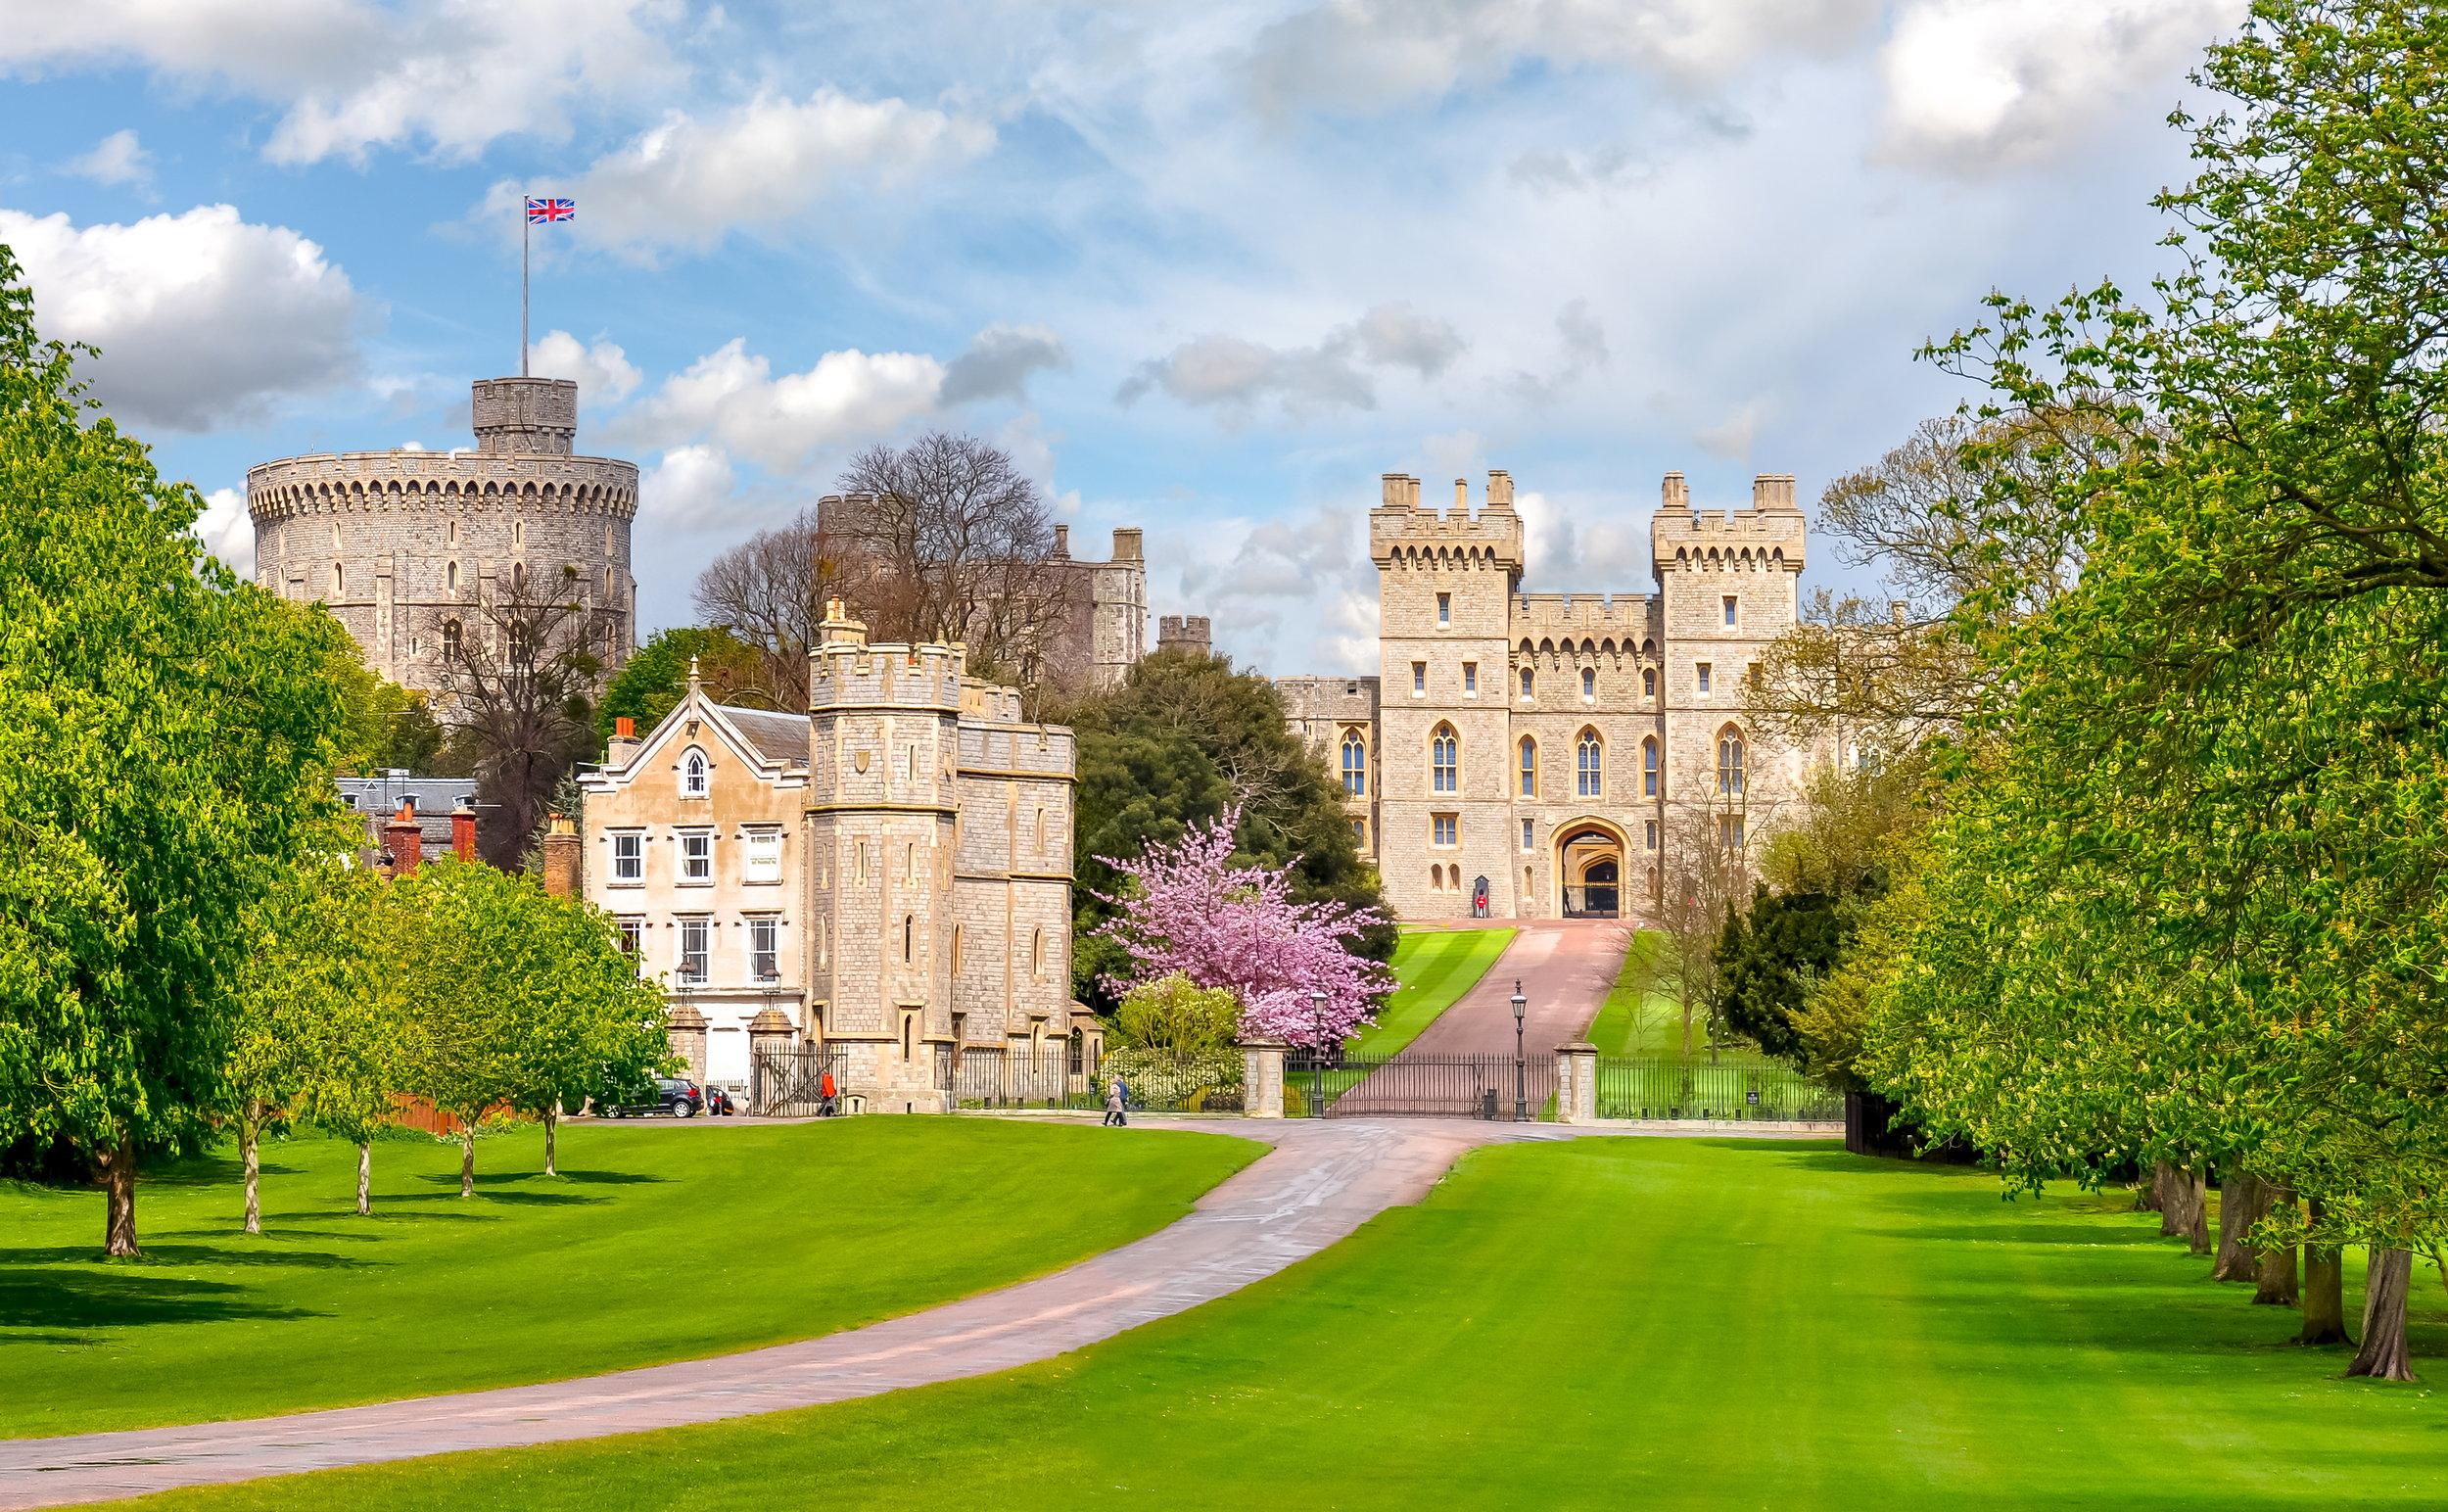 Windsor Castle Image: iStock/Vladislav Zolotov